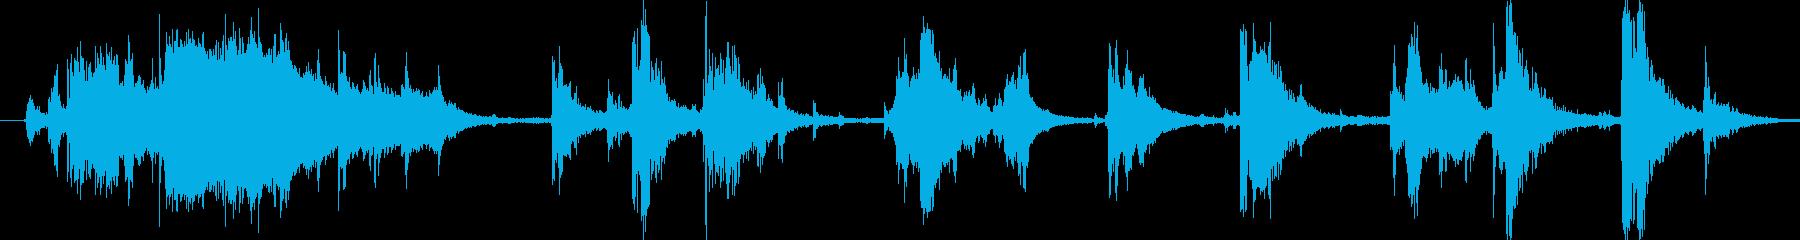 お風呂場効果音・環境音の再生済みの波形